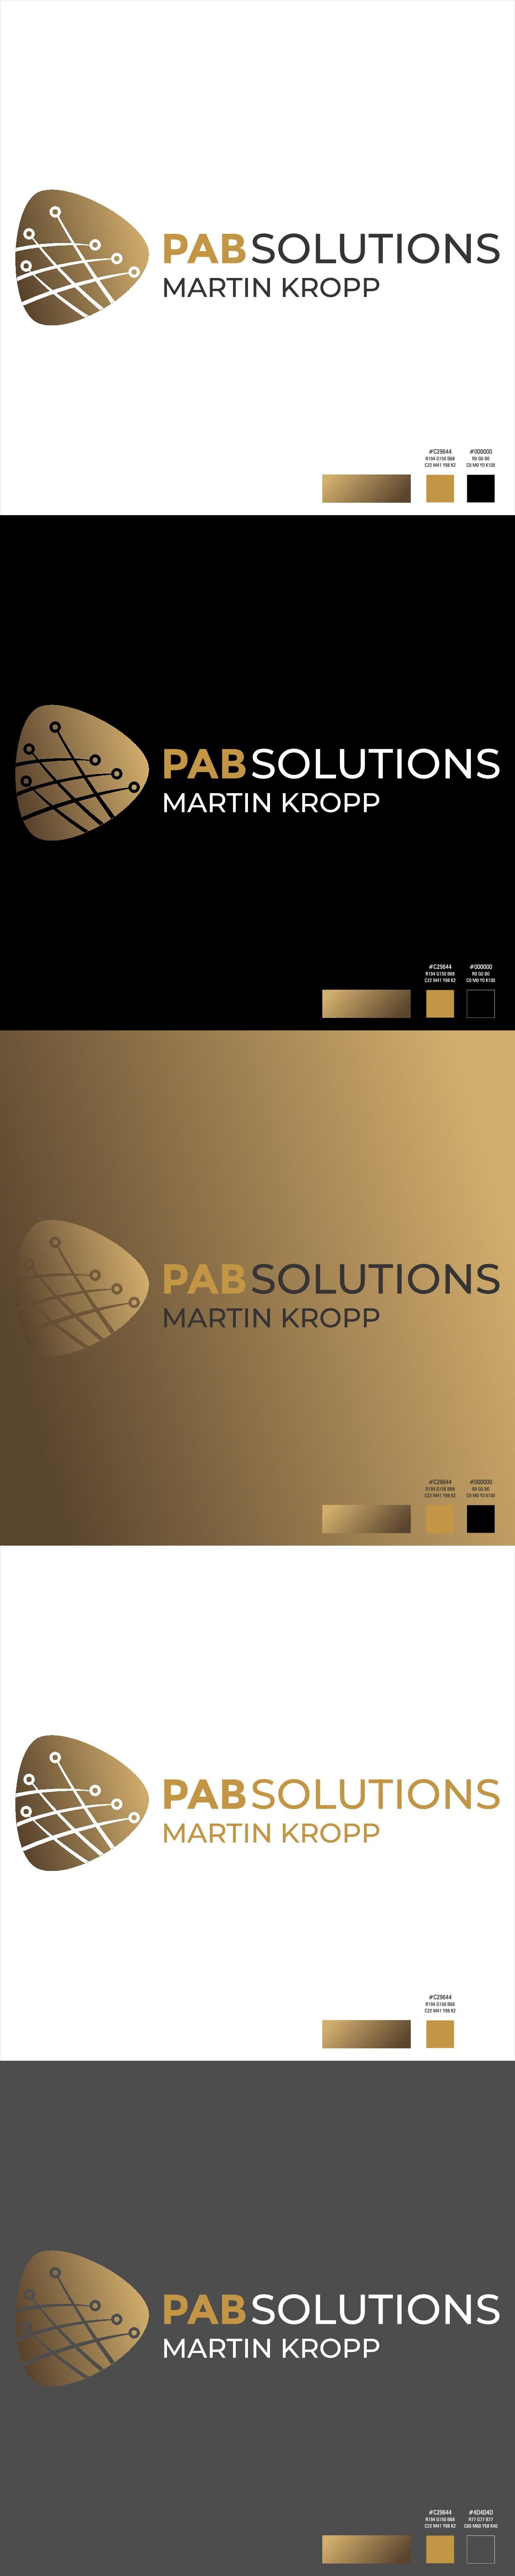 Modernes Logo für ein regionales IT-Unternehmen